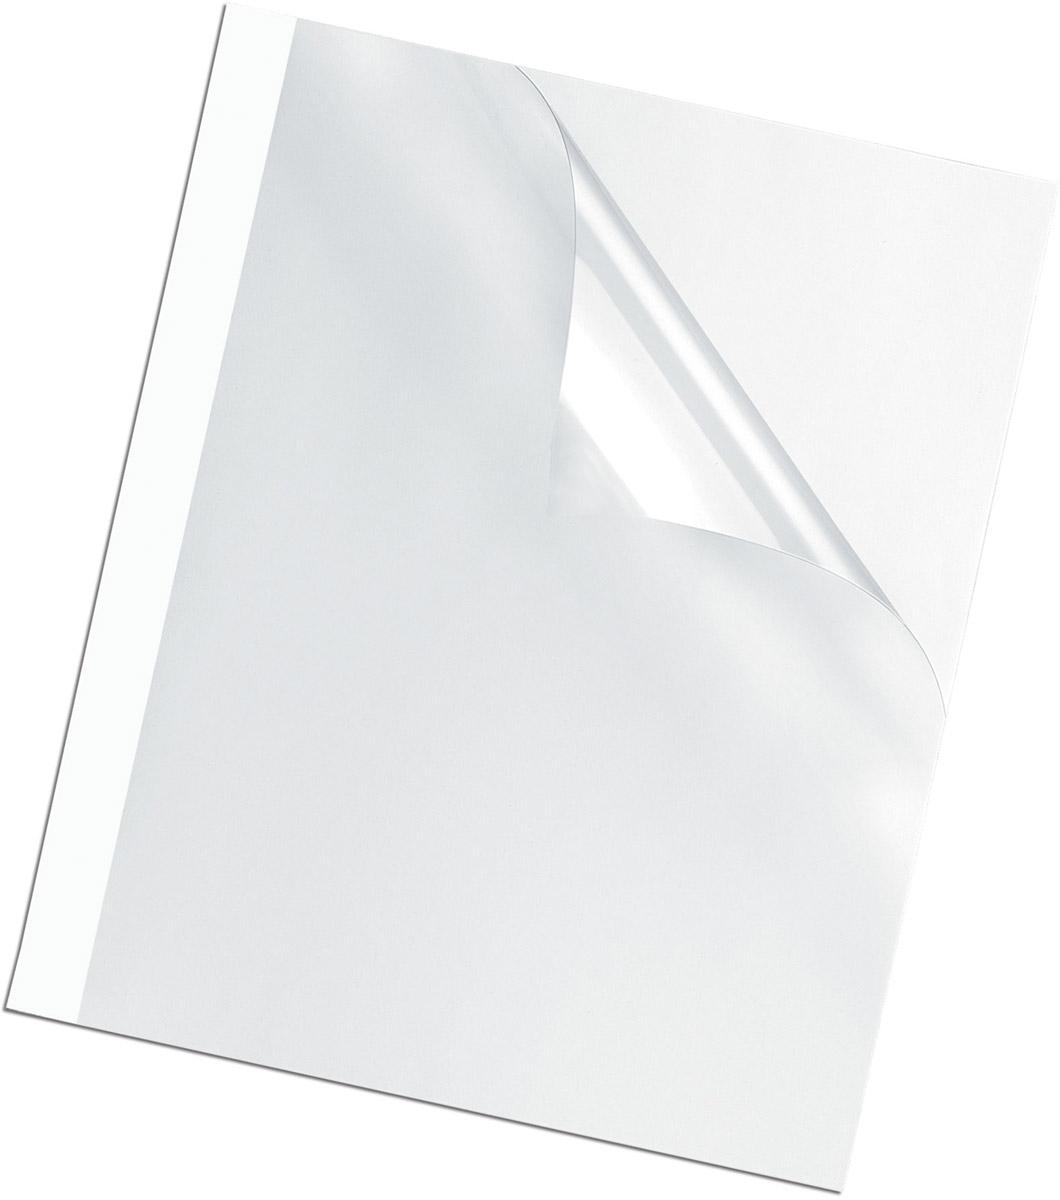 Fellowes A4 FS-53150 обложка для термопереплета, 12 мм (100 шт)FS-53150Обложка для термопереплета предназначена для оформления документов. Верх обложки – прозрачный PVC (150мкм), низ – глянцевый картон (220гр/кв.м). 100 шт. в розничной упаковке.